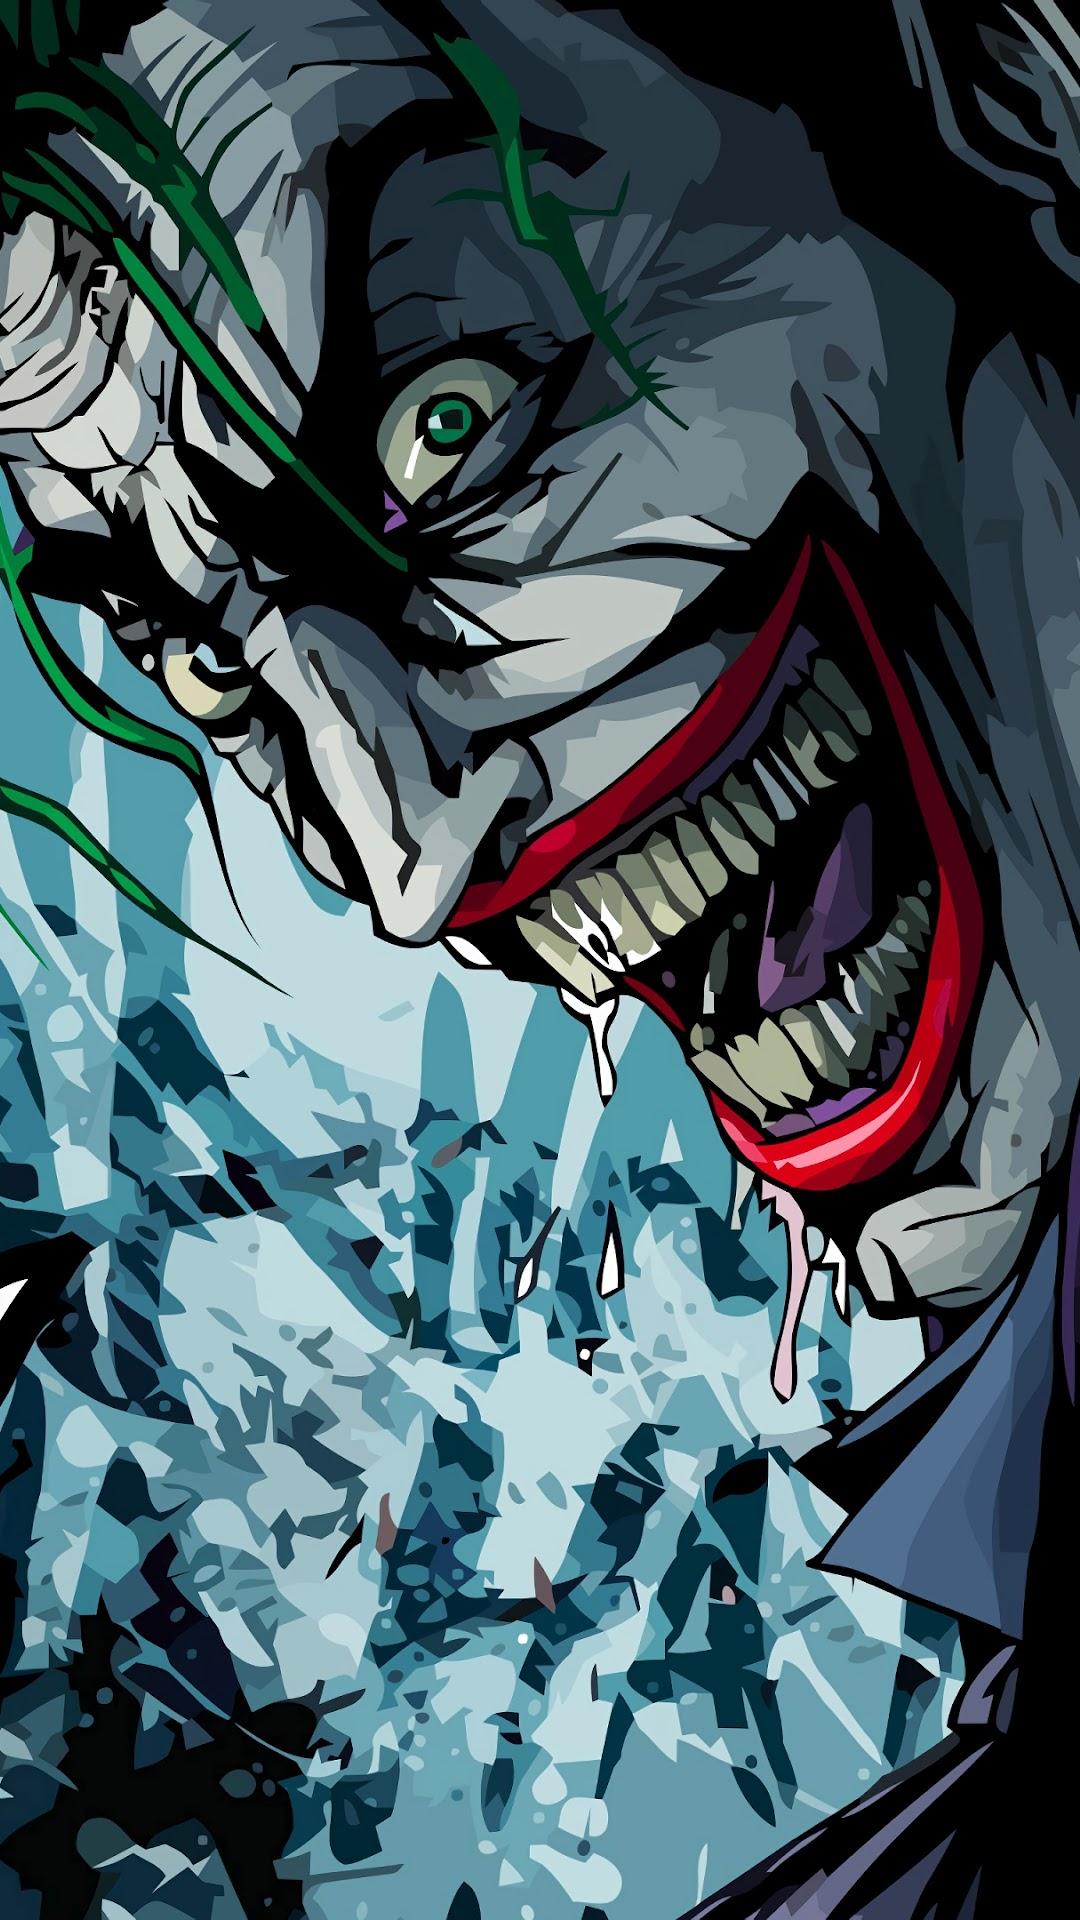 Joker Laughing 4k Wallpaper 59